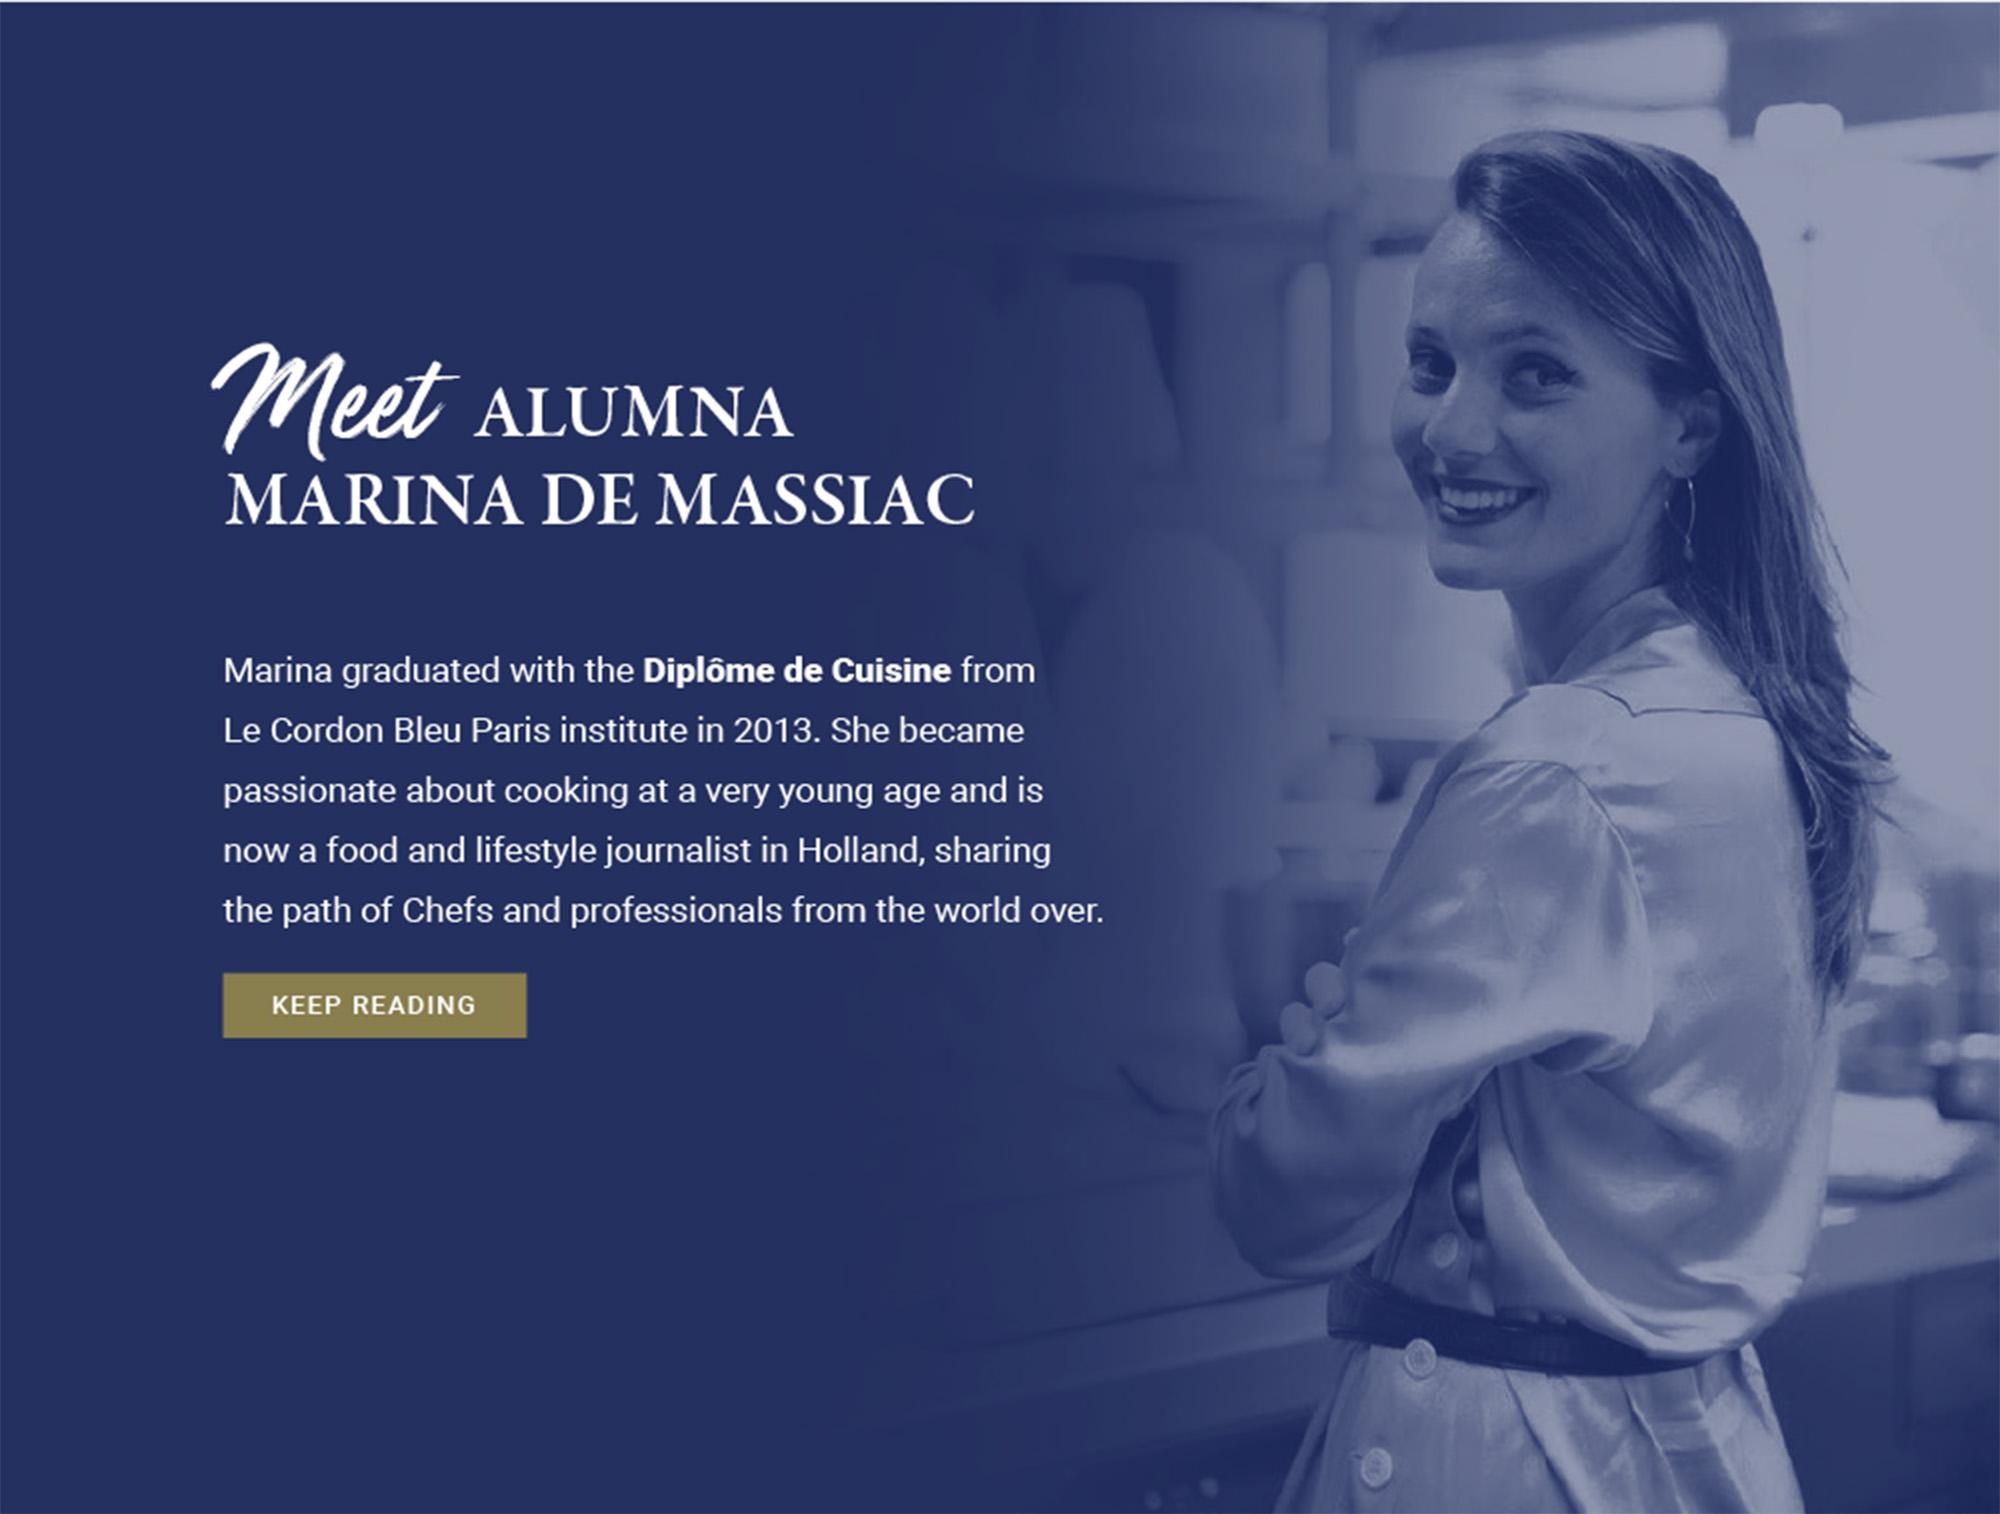 Meet Alumna MARINA DE MASSIAC